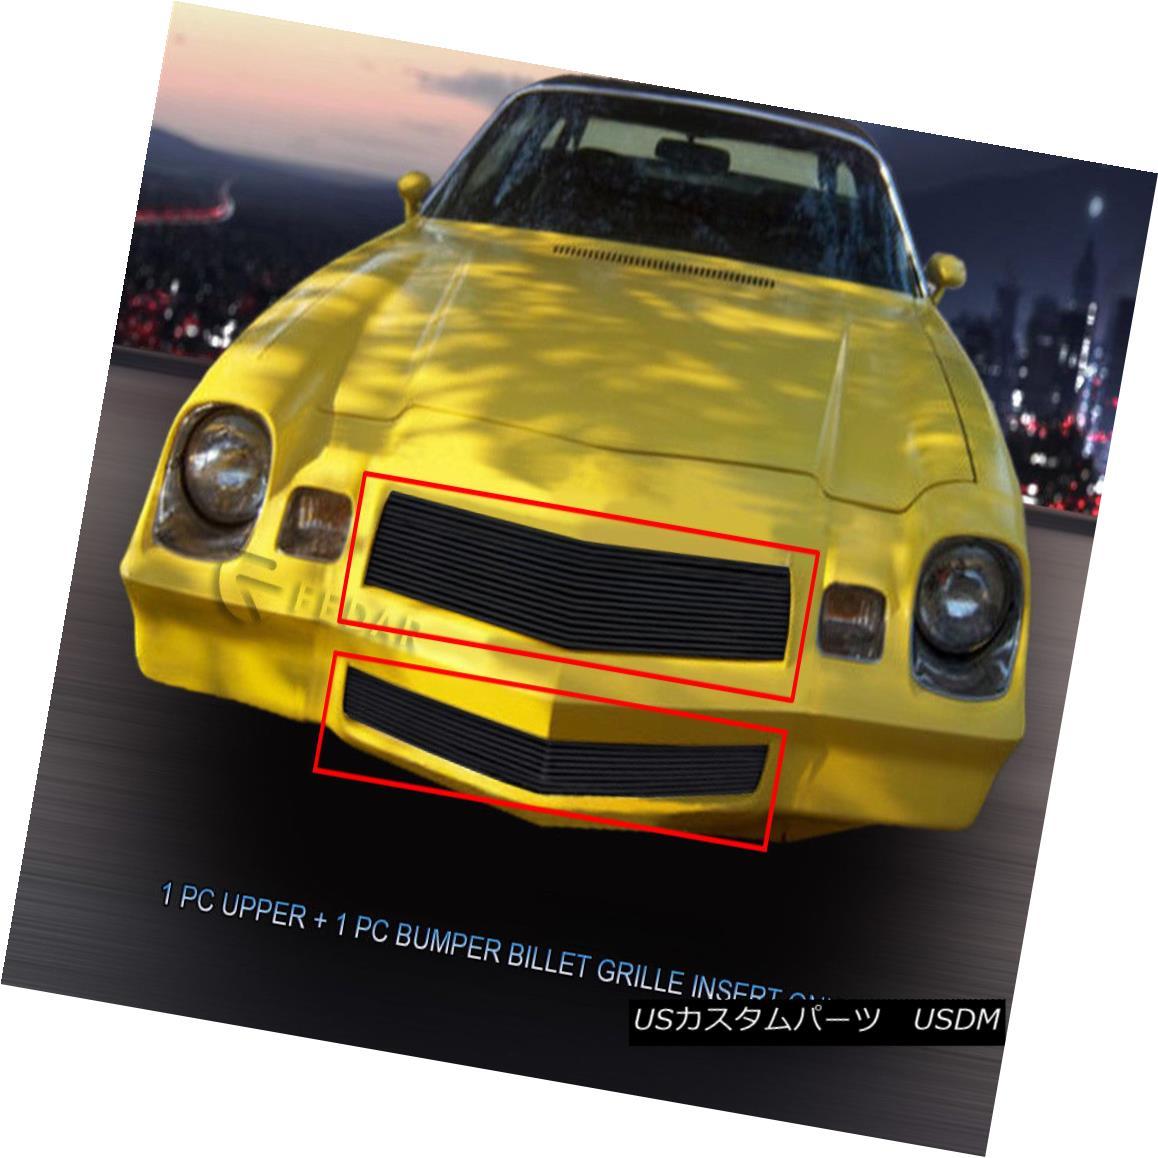 グリル Fits 78-81 Chevy Camaro Black Billet Grille Grill Combo Insert Fedar フィット78-81シボレーカマロブラックビレットグリルグリルコンボインサートFedar